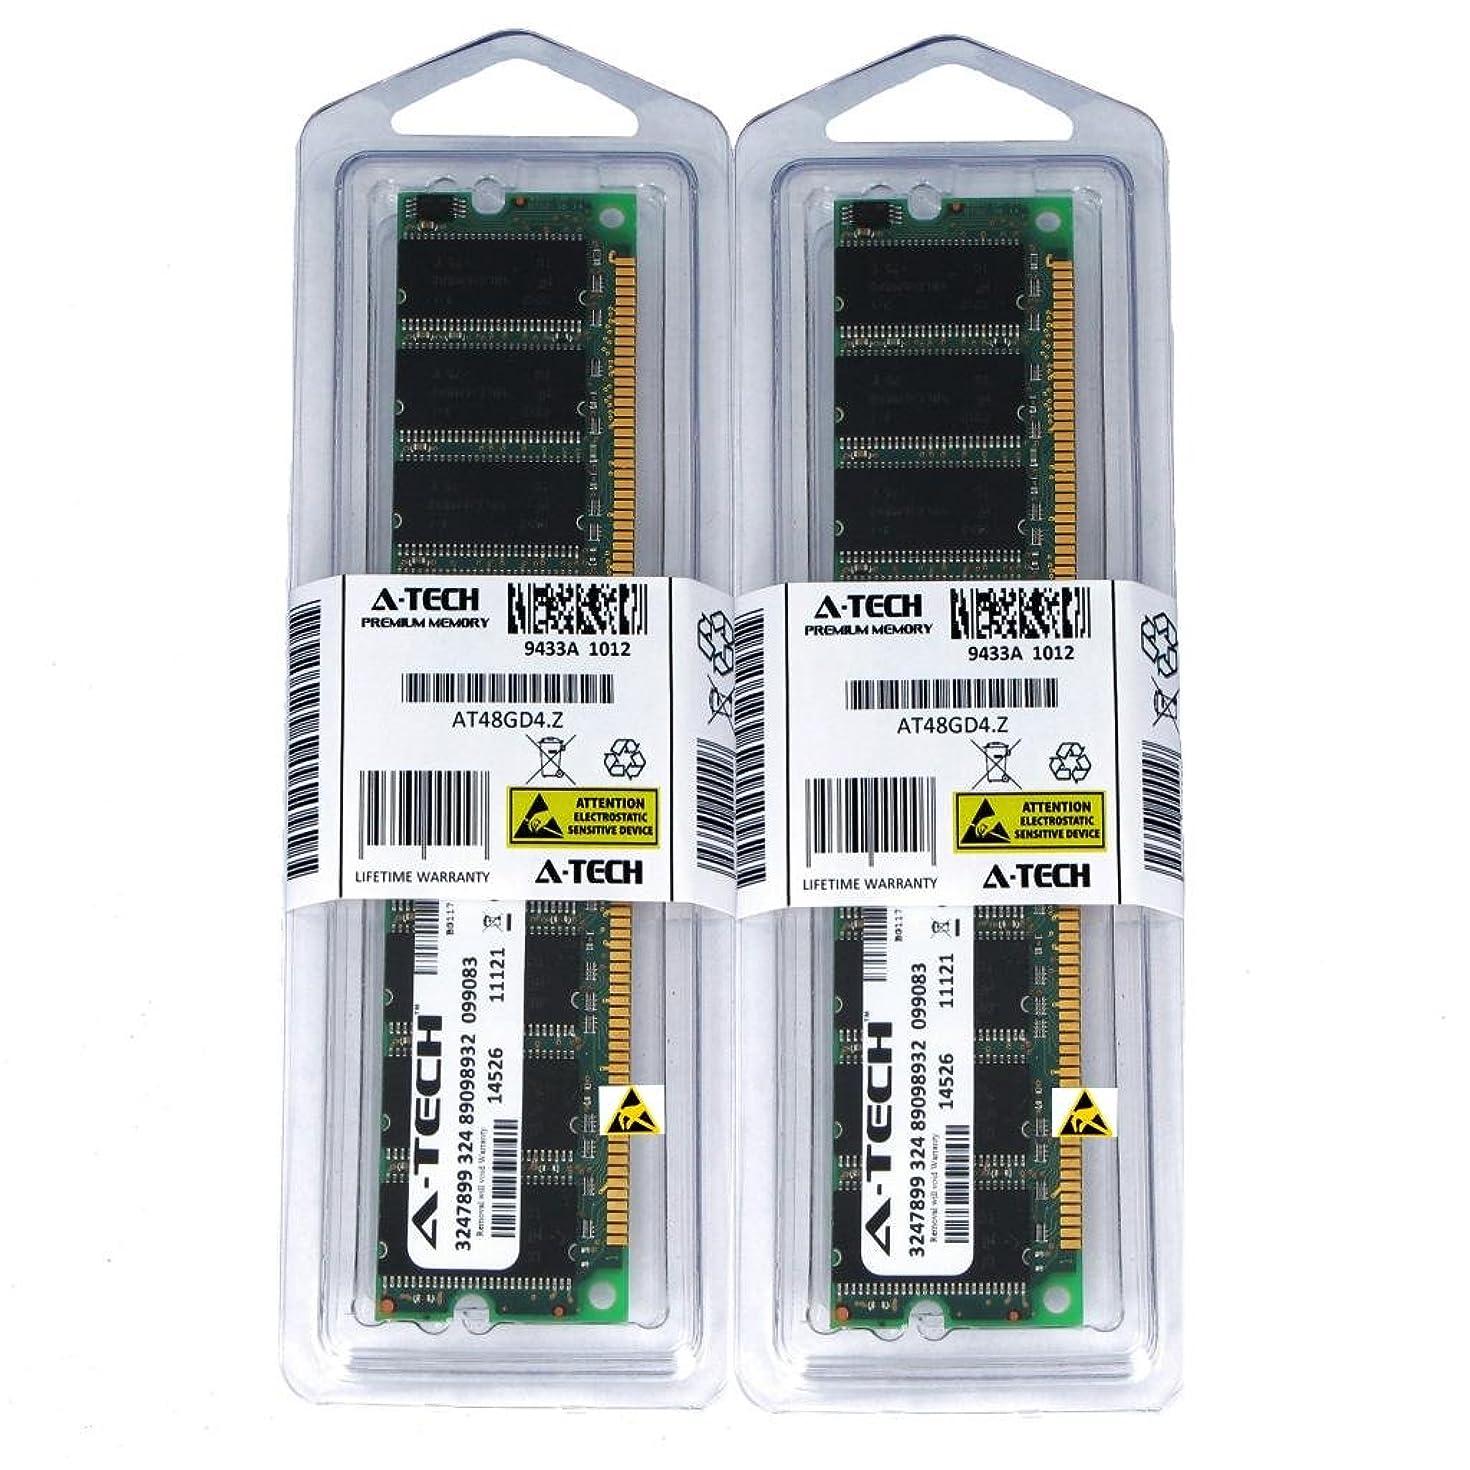 A-Tech 1GB Kit (2X 512MB) DDR 266MHz PC2100 184-pin DIMM Desktop Computer Memory RAM Modules